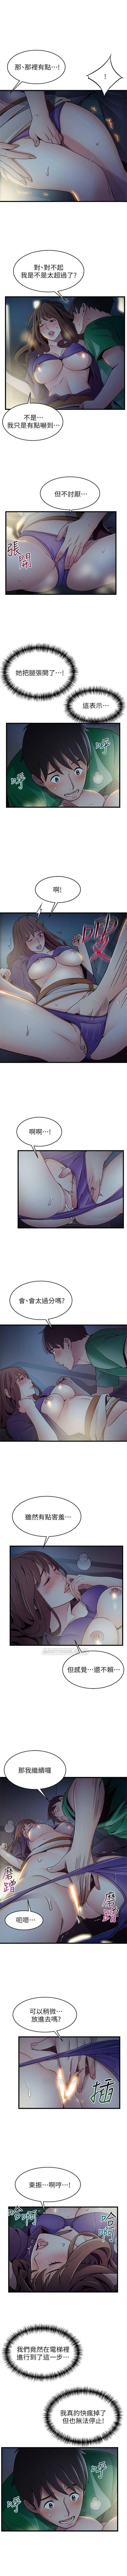 弱點 1-101 官方中文(連載中) 386